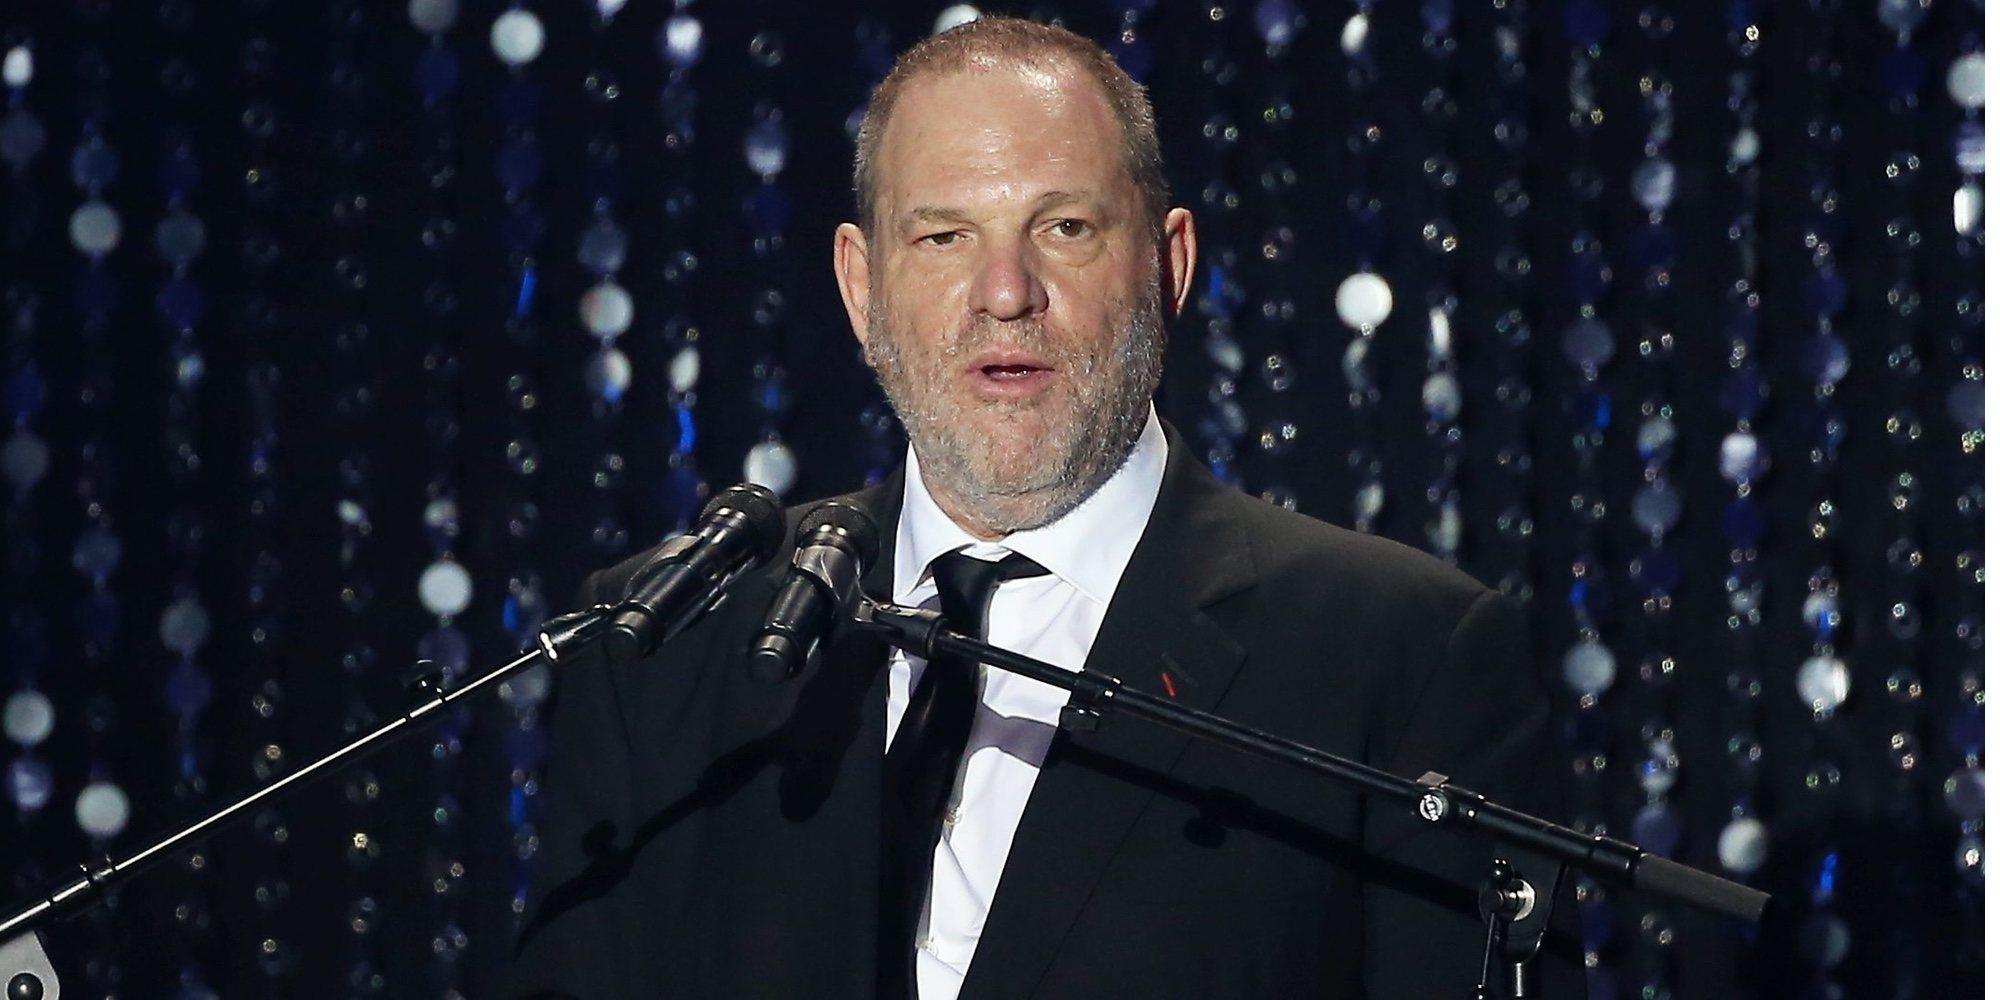 Así ha cambiado la vida de Harvey Weinstein desde que se descubrió que es un monstruo